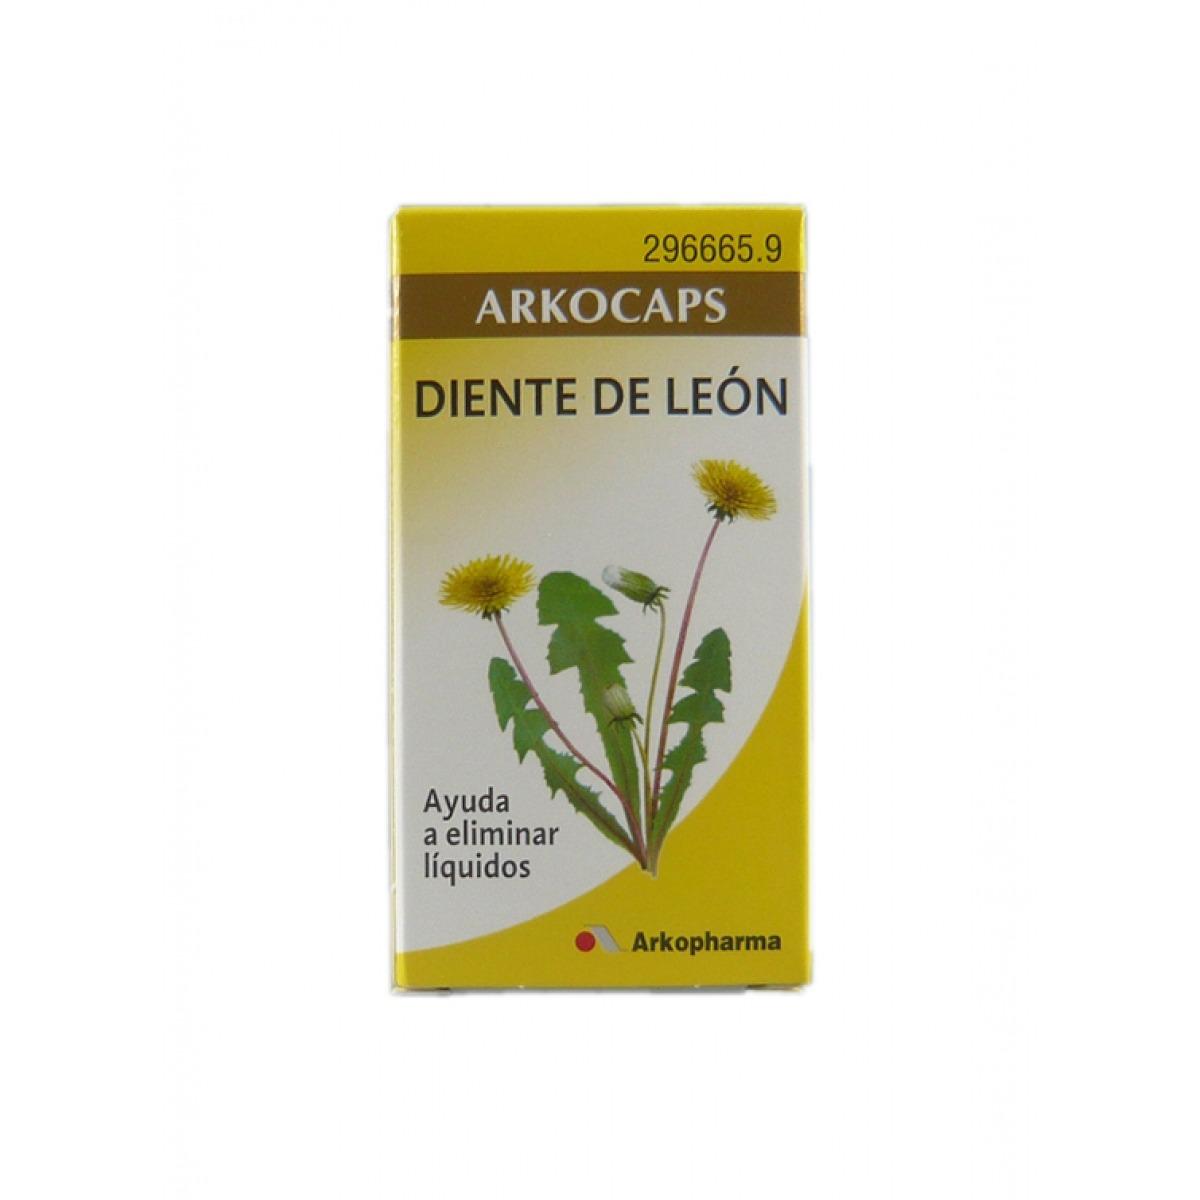 ARKOCAPSULAS DIENTE DE LEON 50CAP.